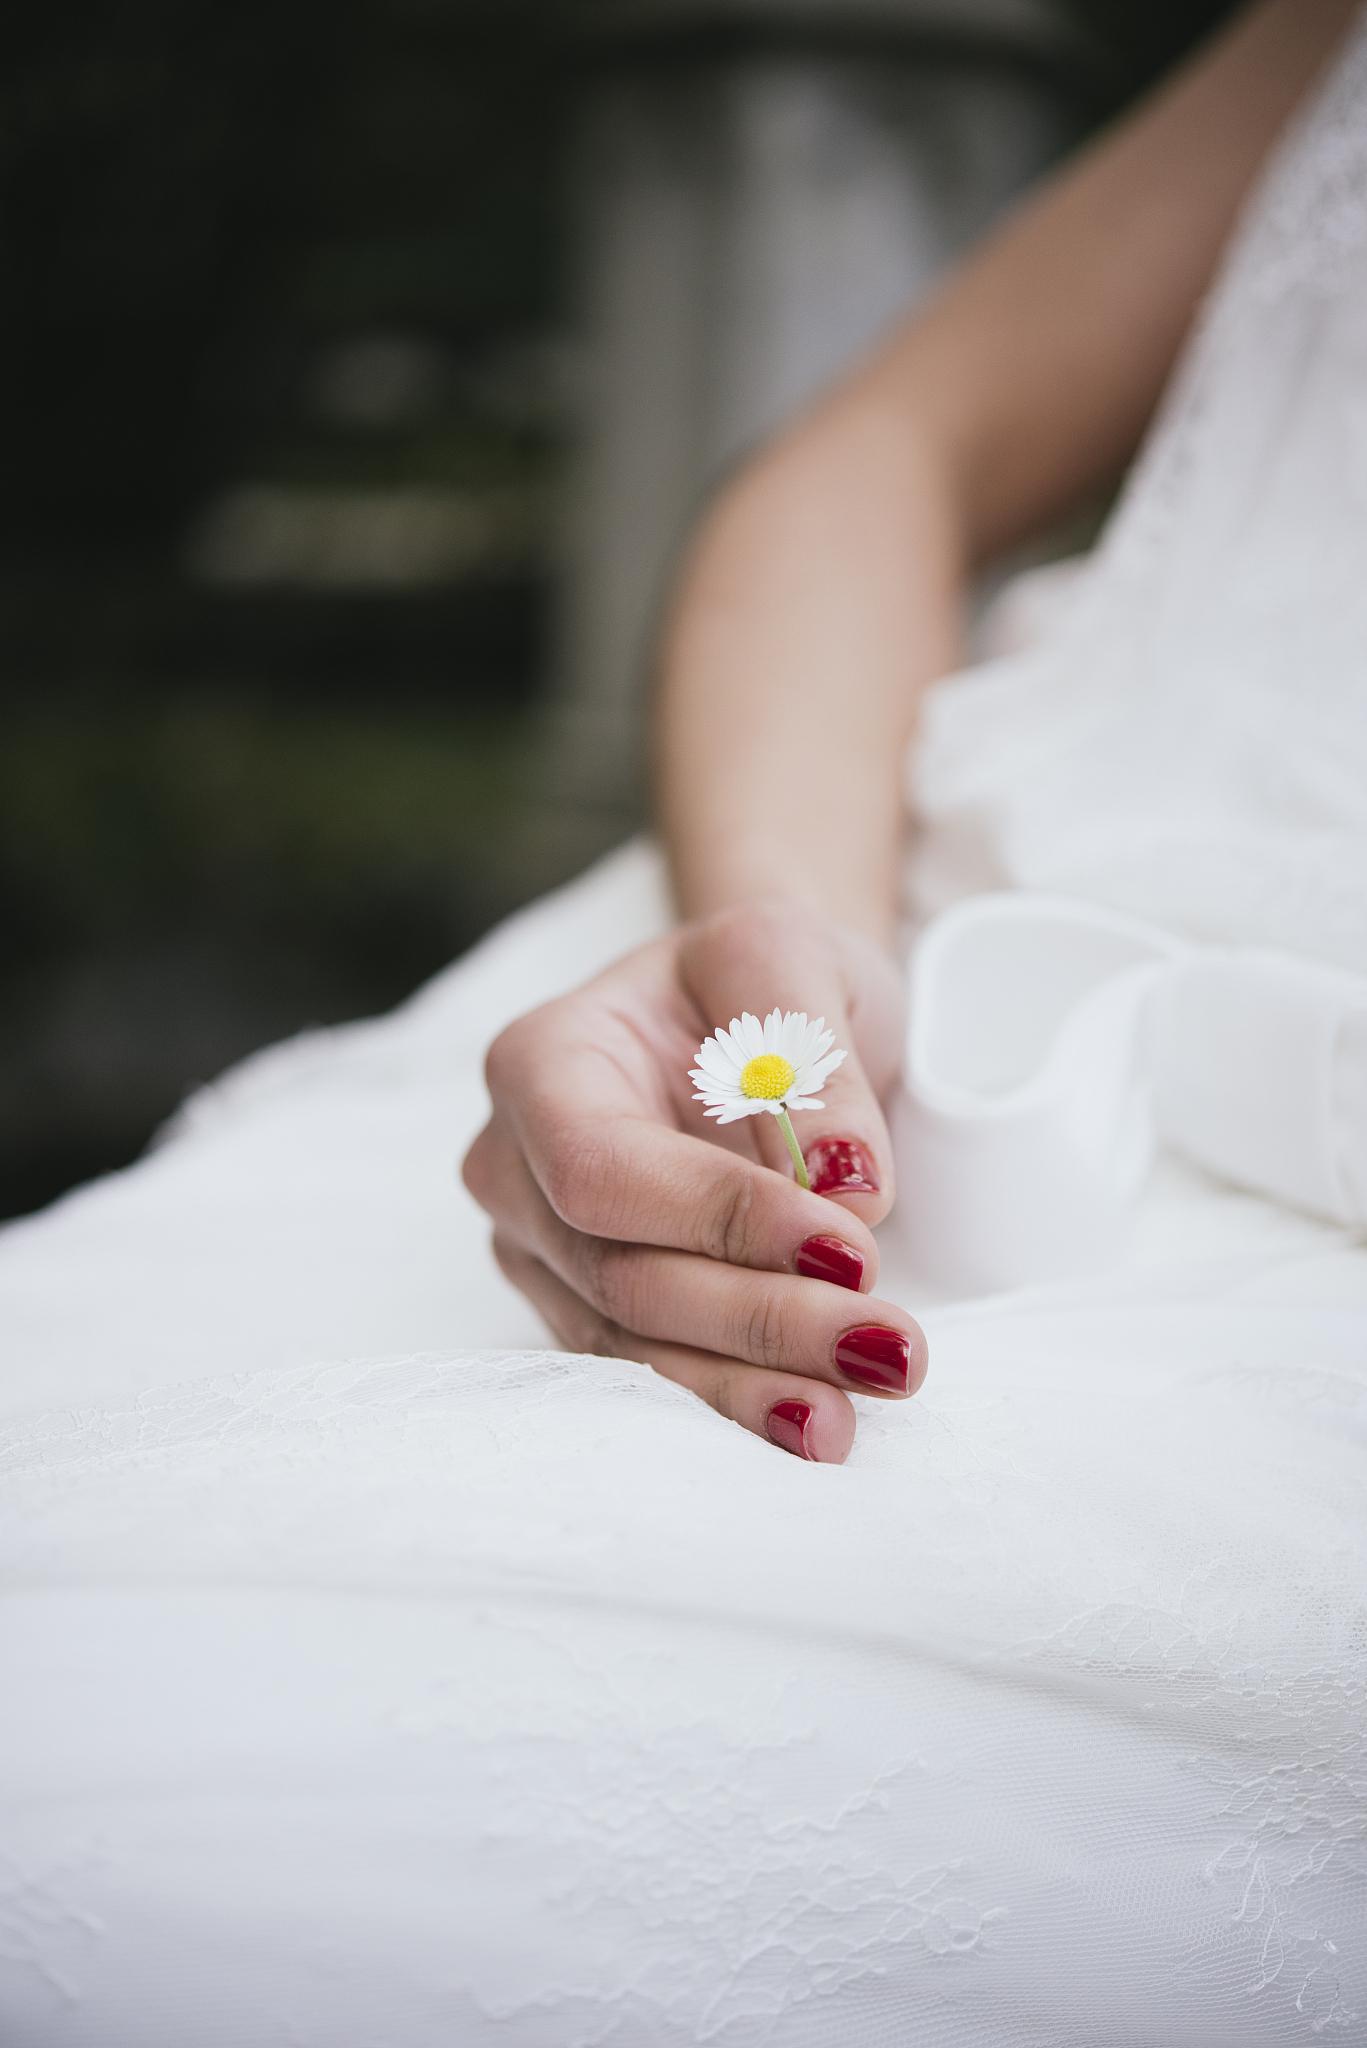 八字合婚结婚吉日查询 2022年狗和龙合婚吉日有吗